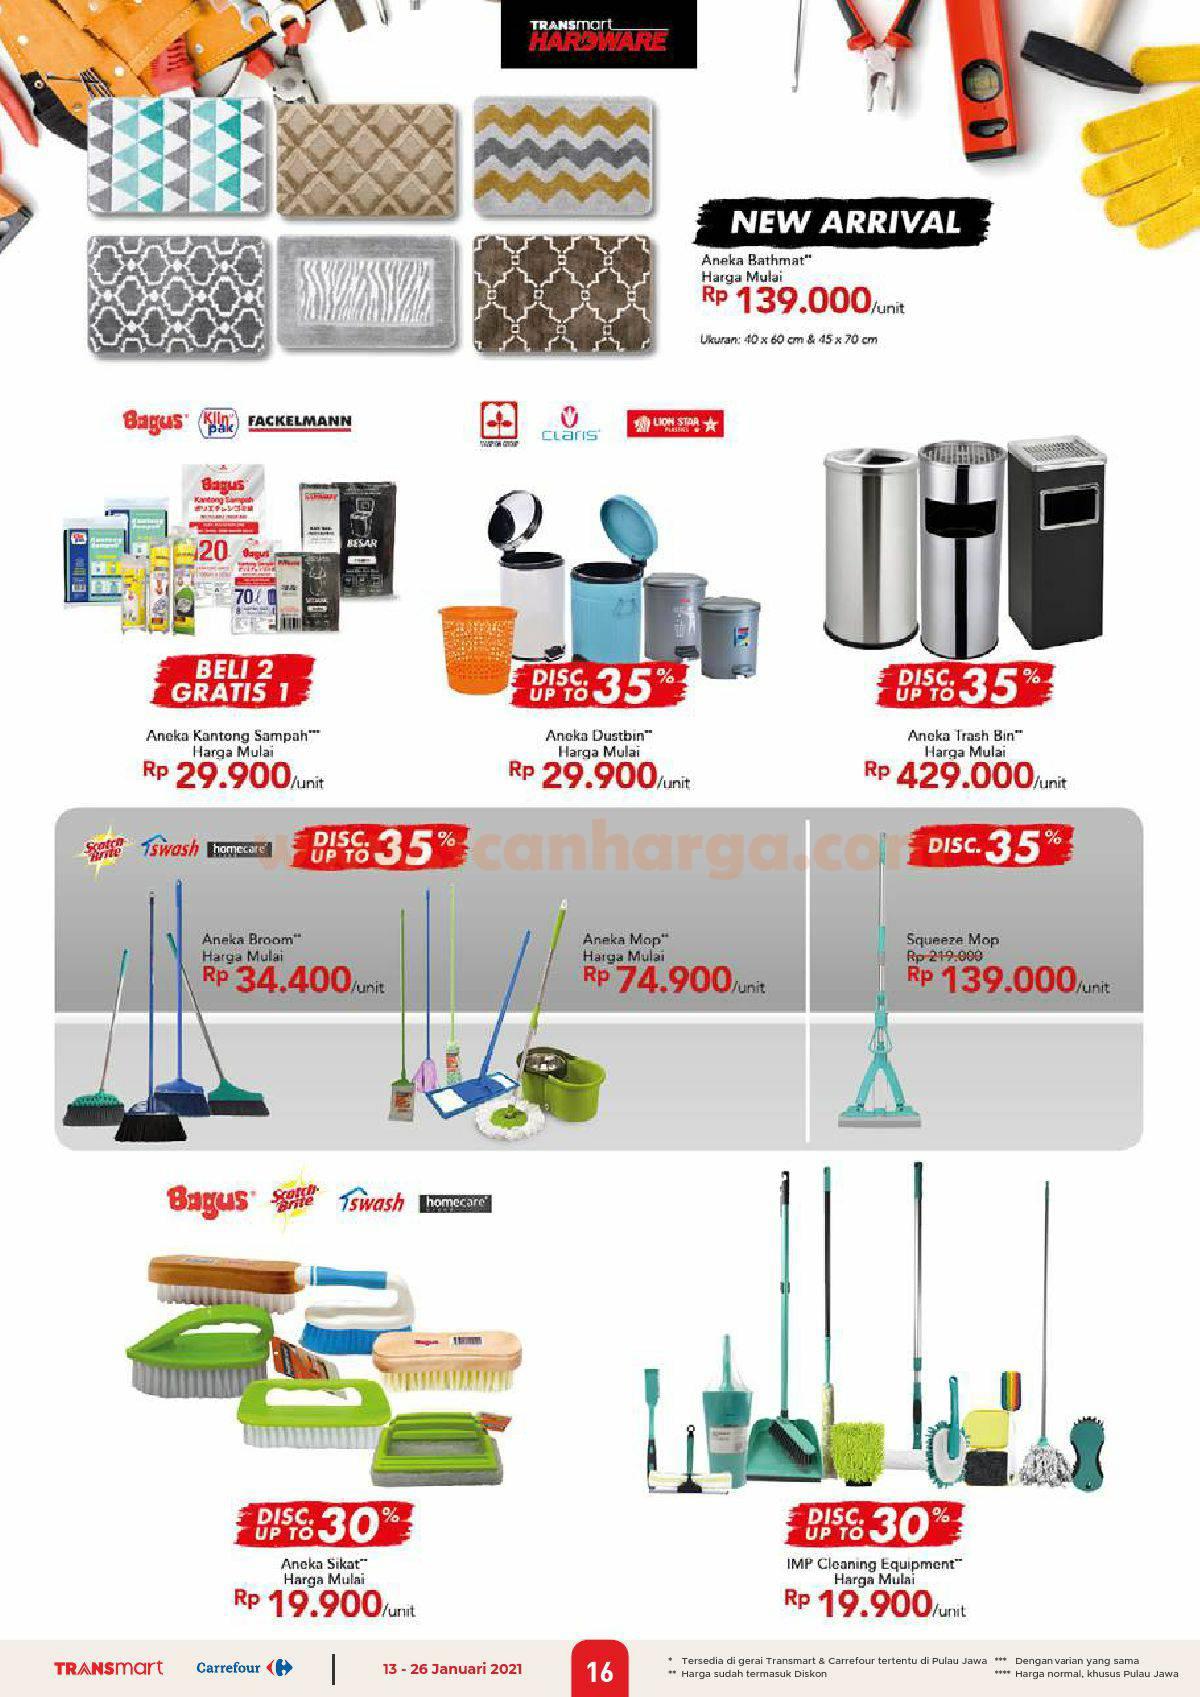 Katalog Promo Carrefour Transmart 13 - 26 Januari 2021 16